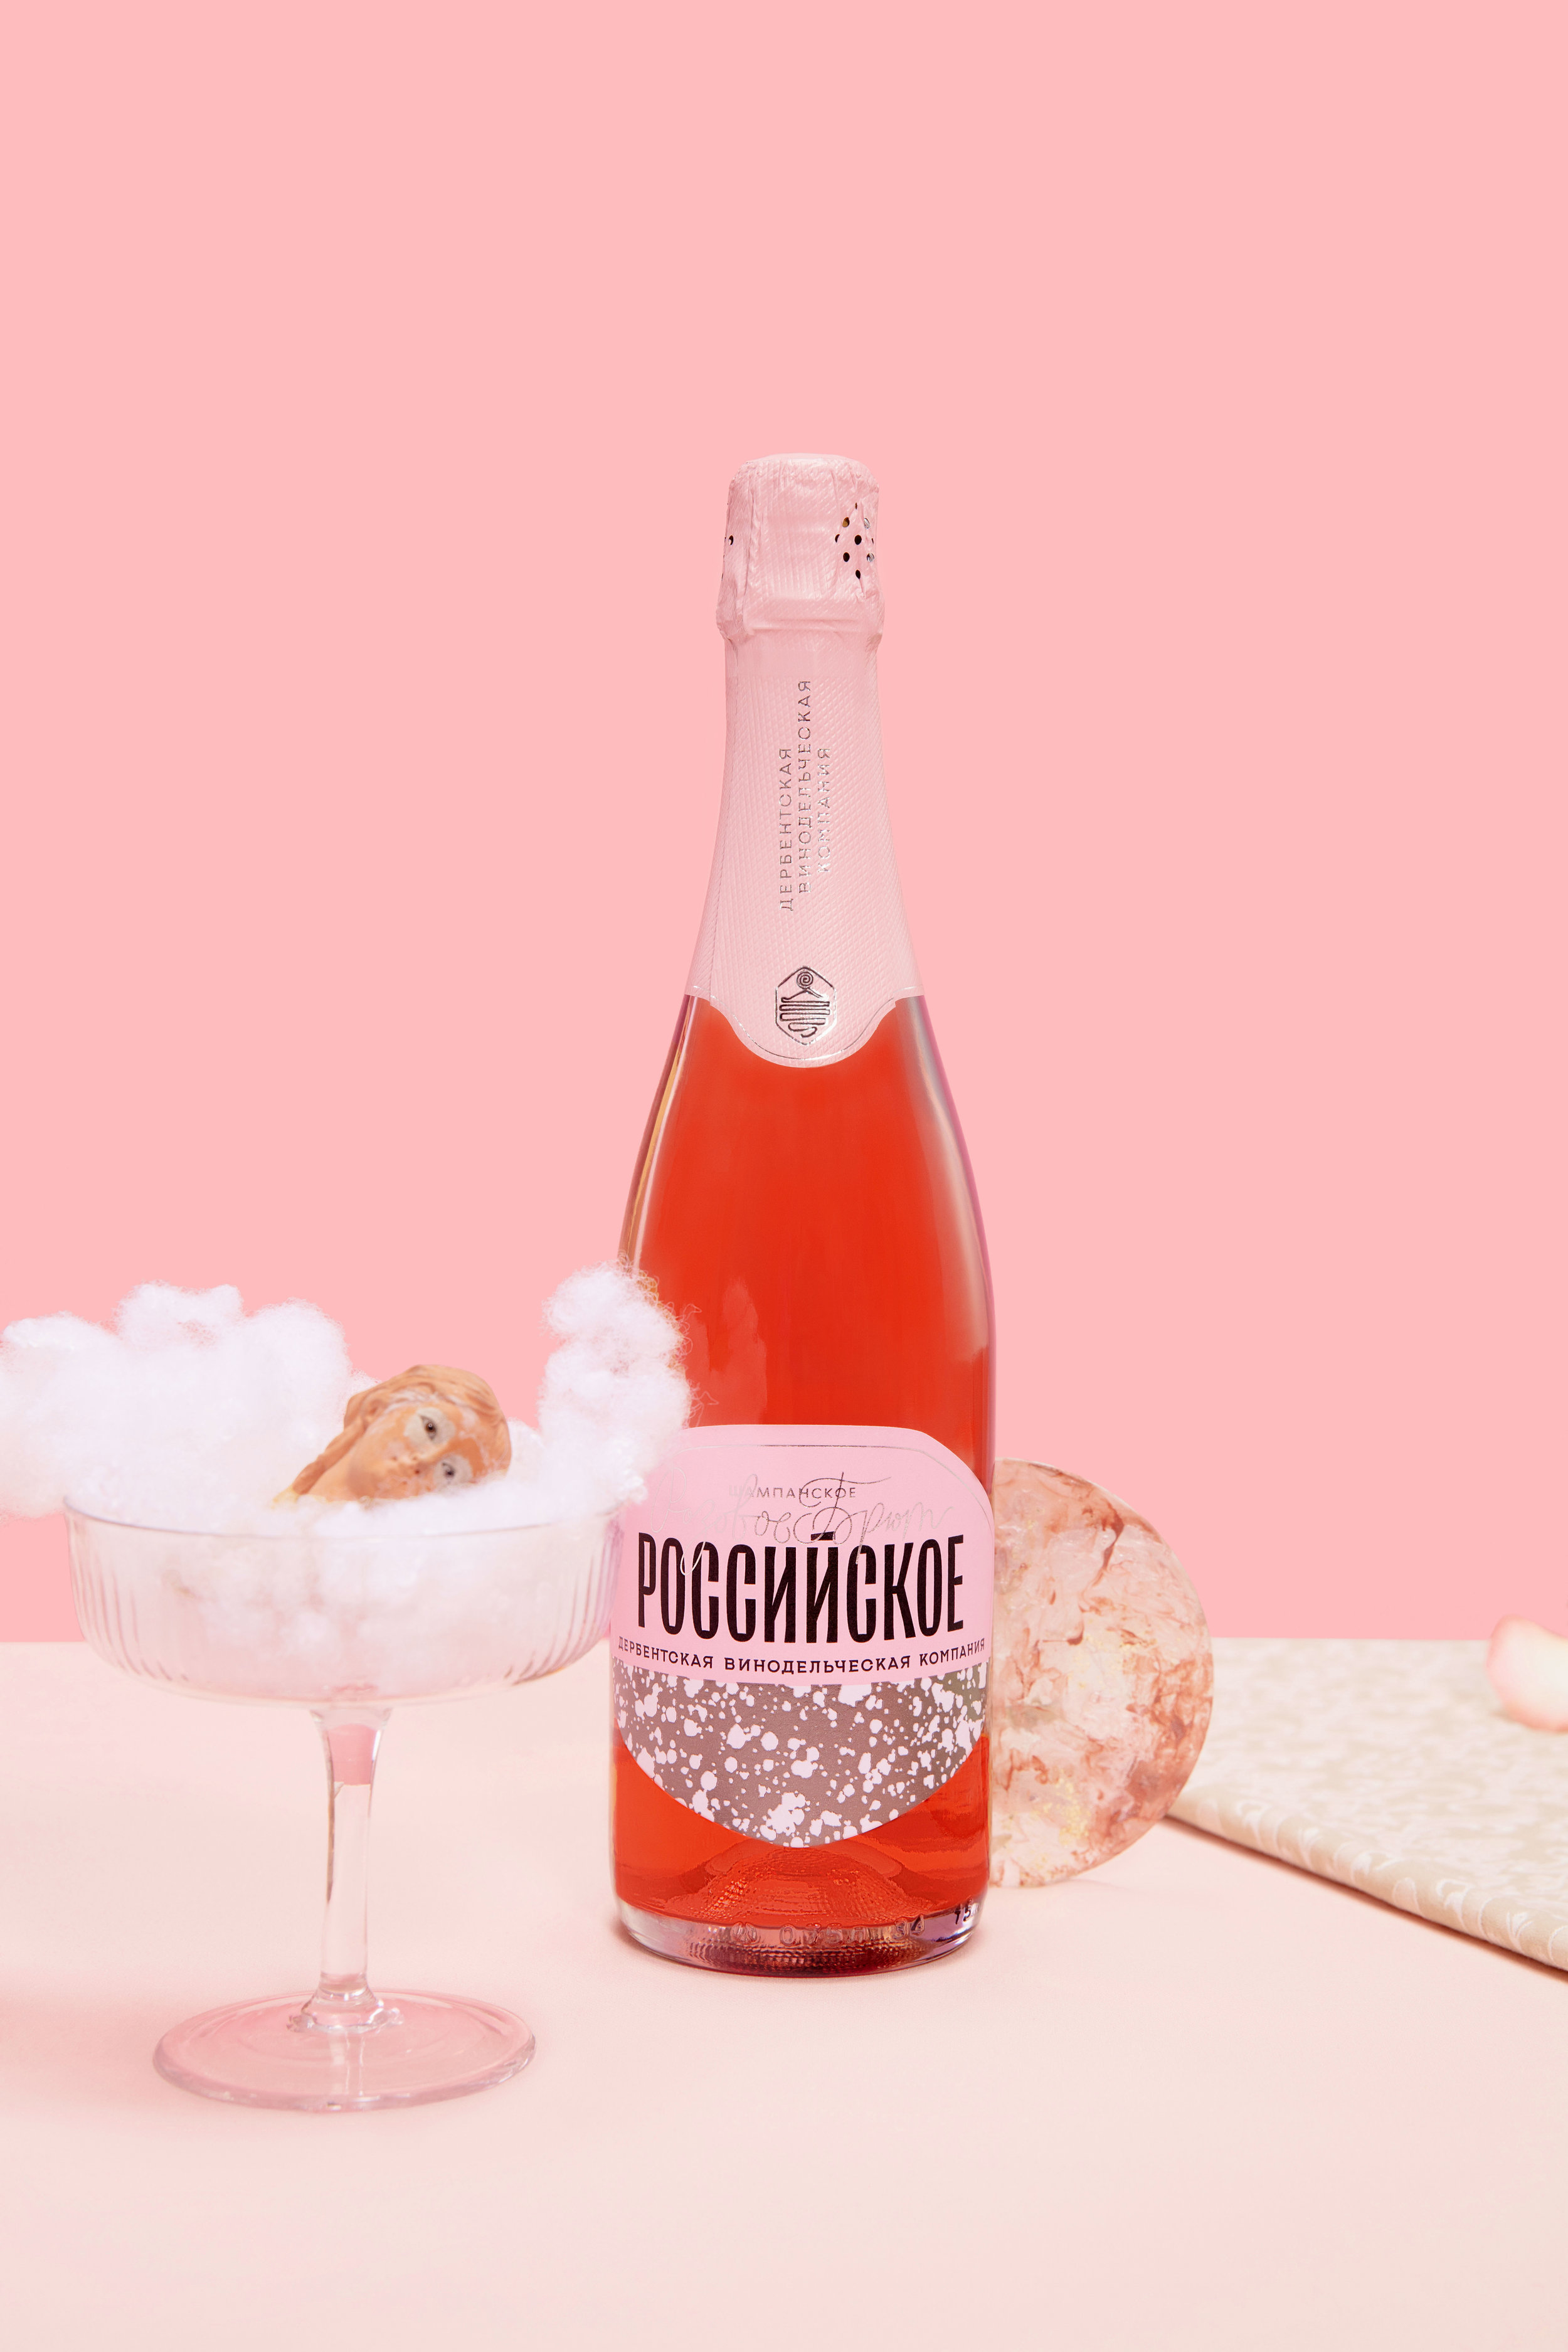 Шампанское28390.jpg